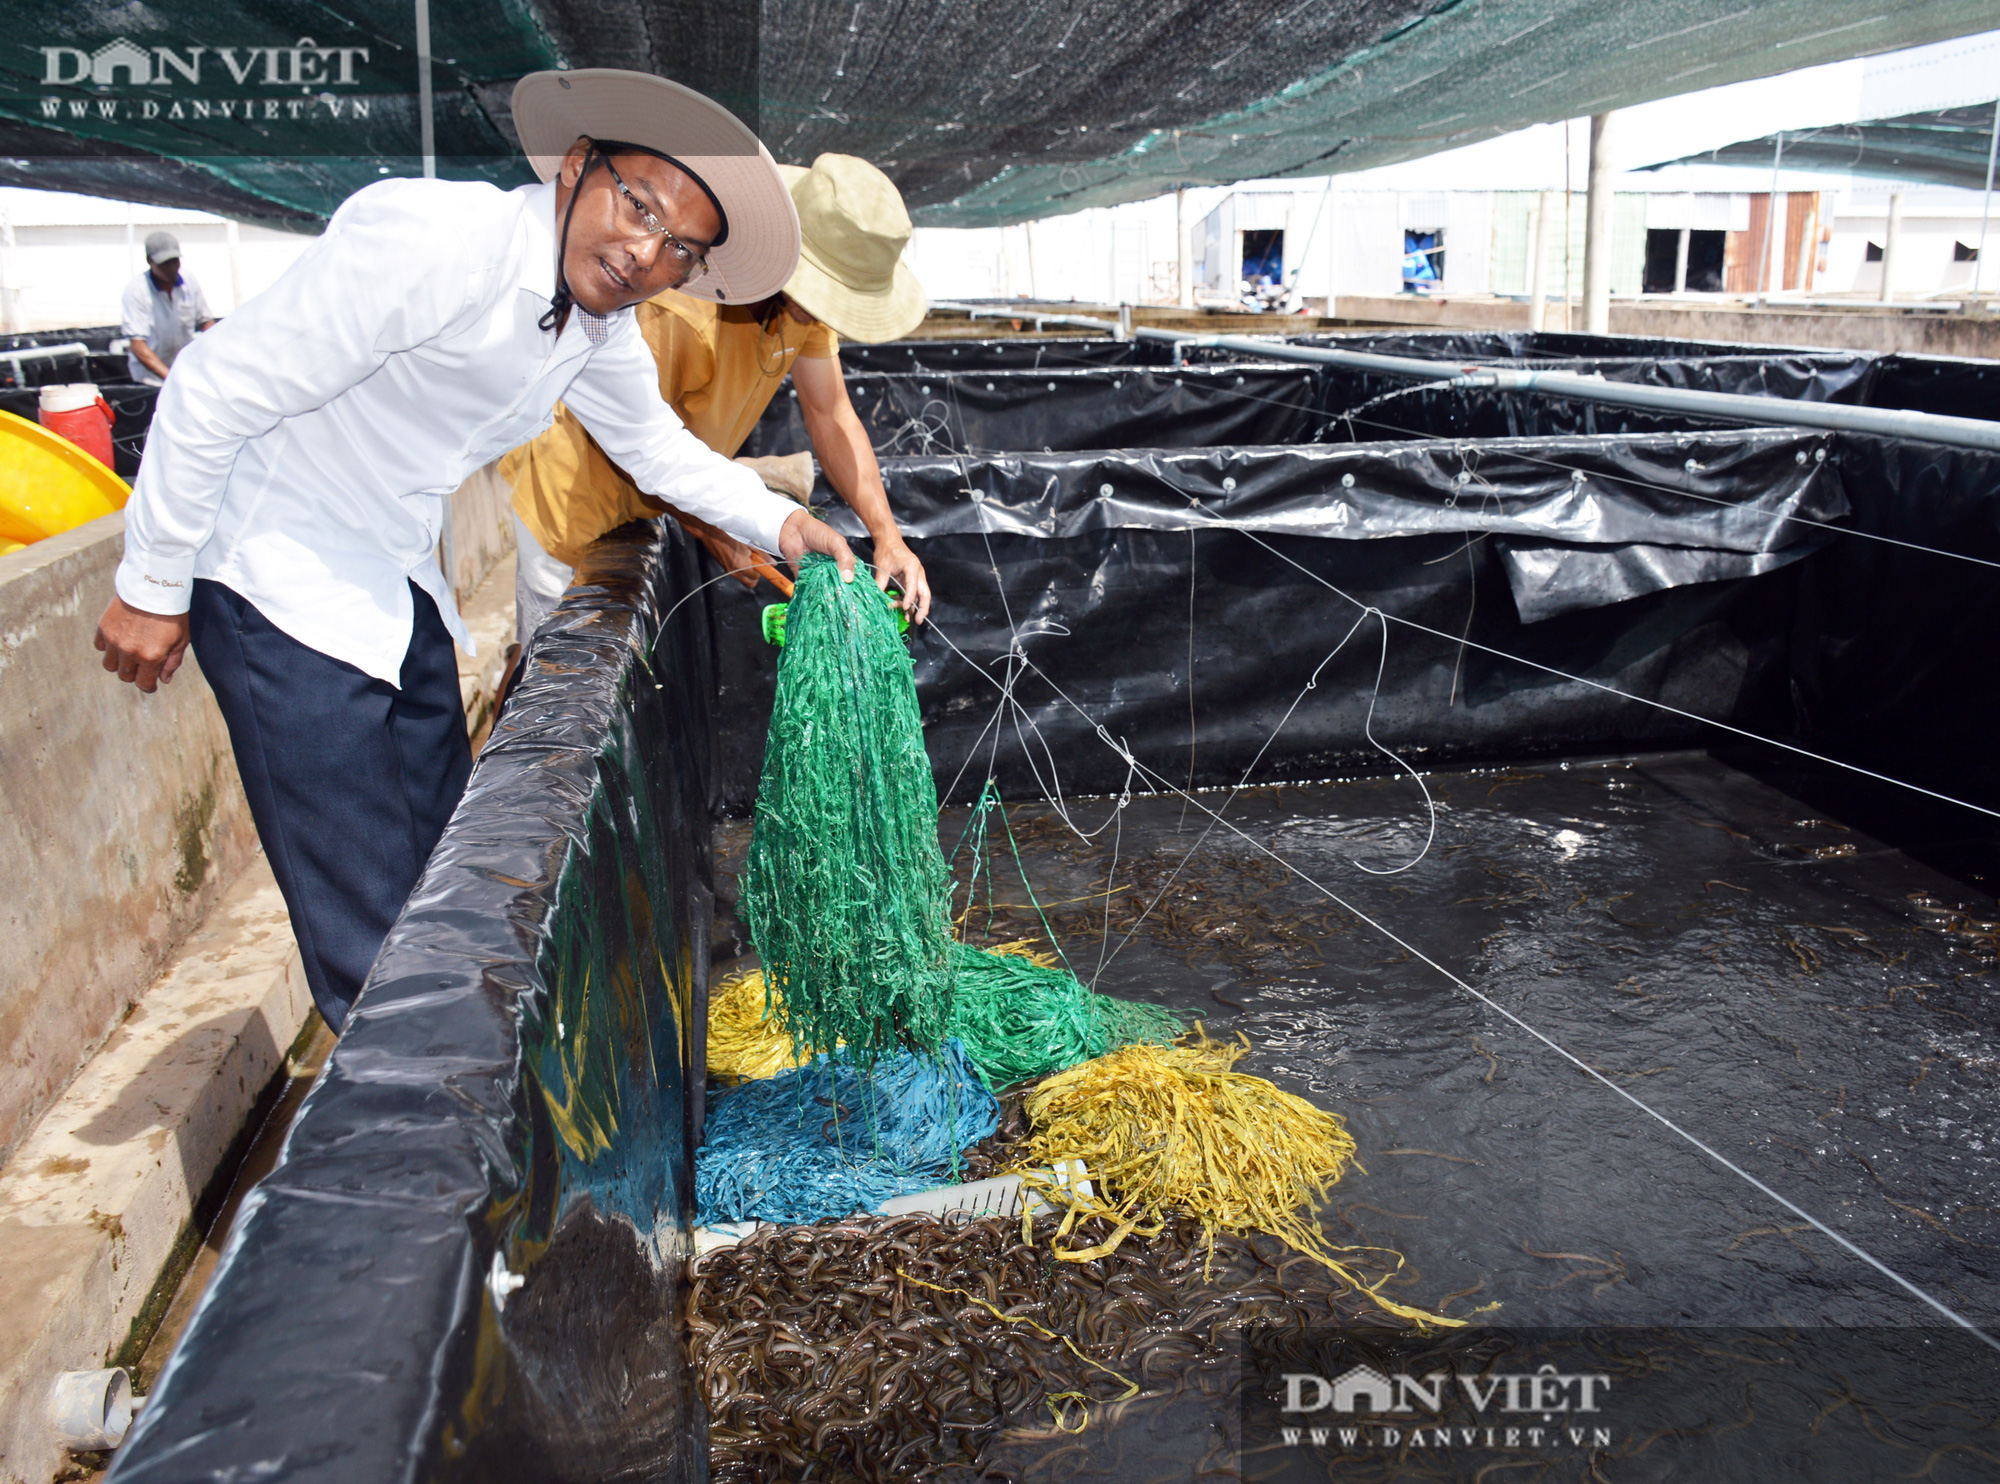 Bạc Liêu: Chàng kỹ sư bỏ công ty nước ngoài về làm nông dân nuôi 15 loài thủy sản - Ảnh 7.